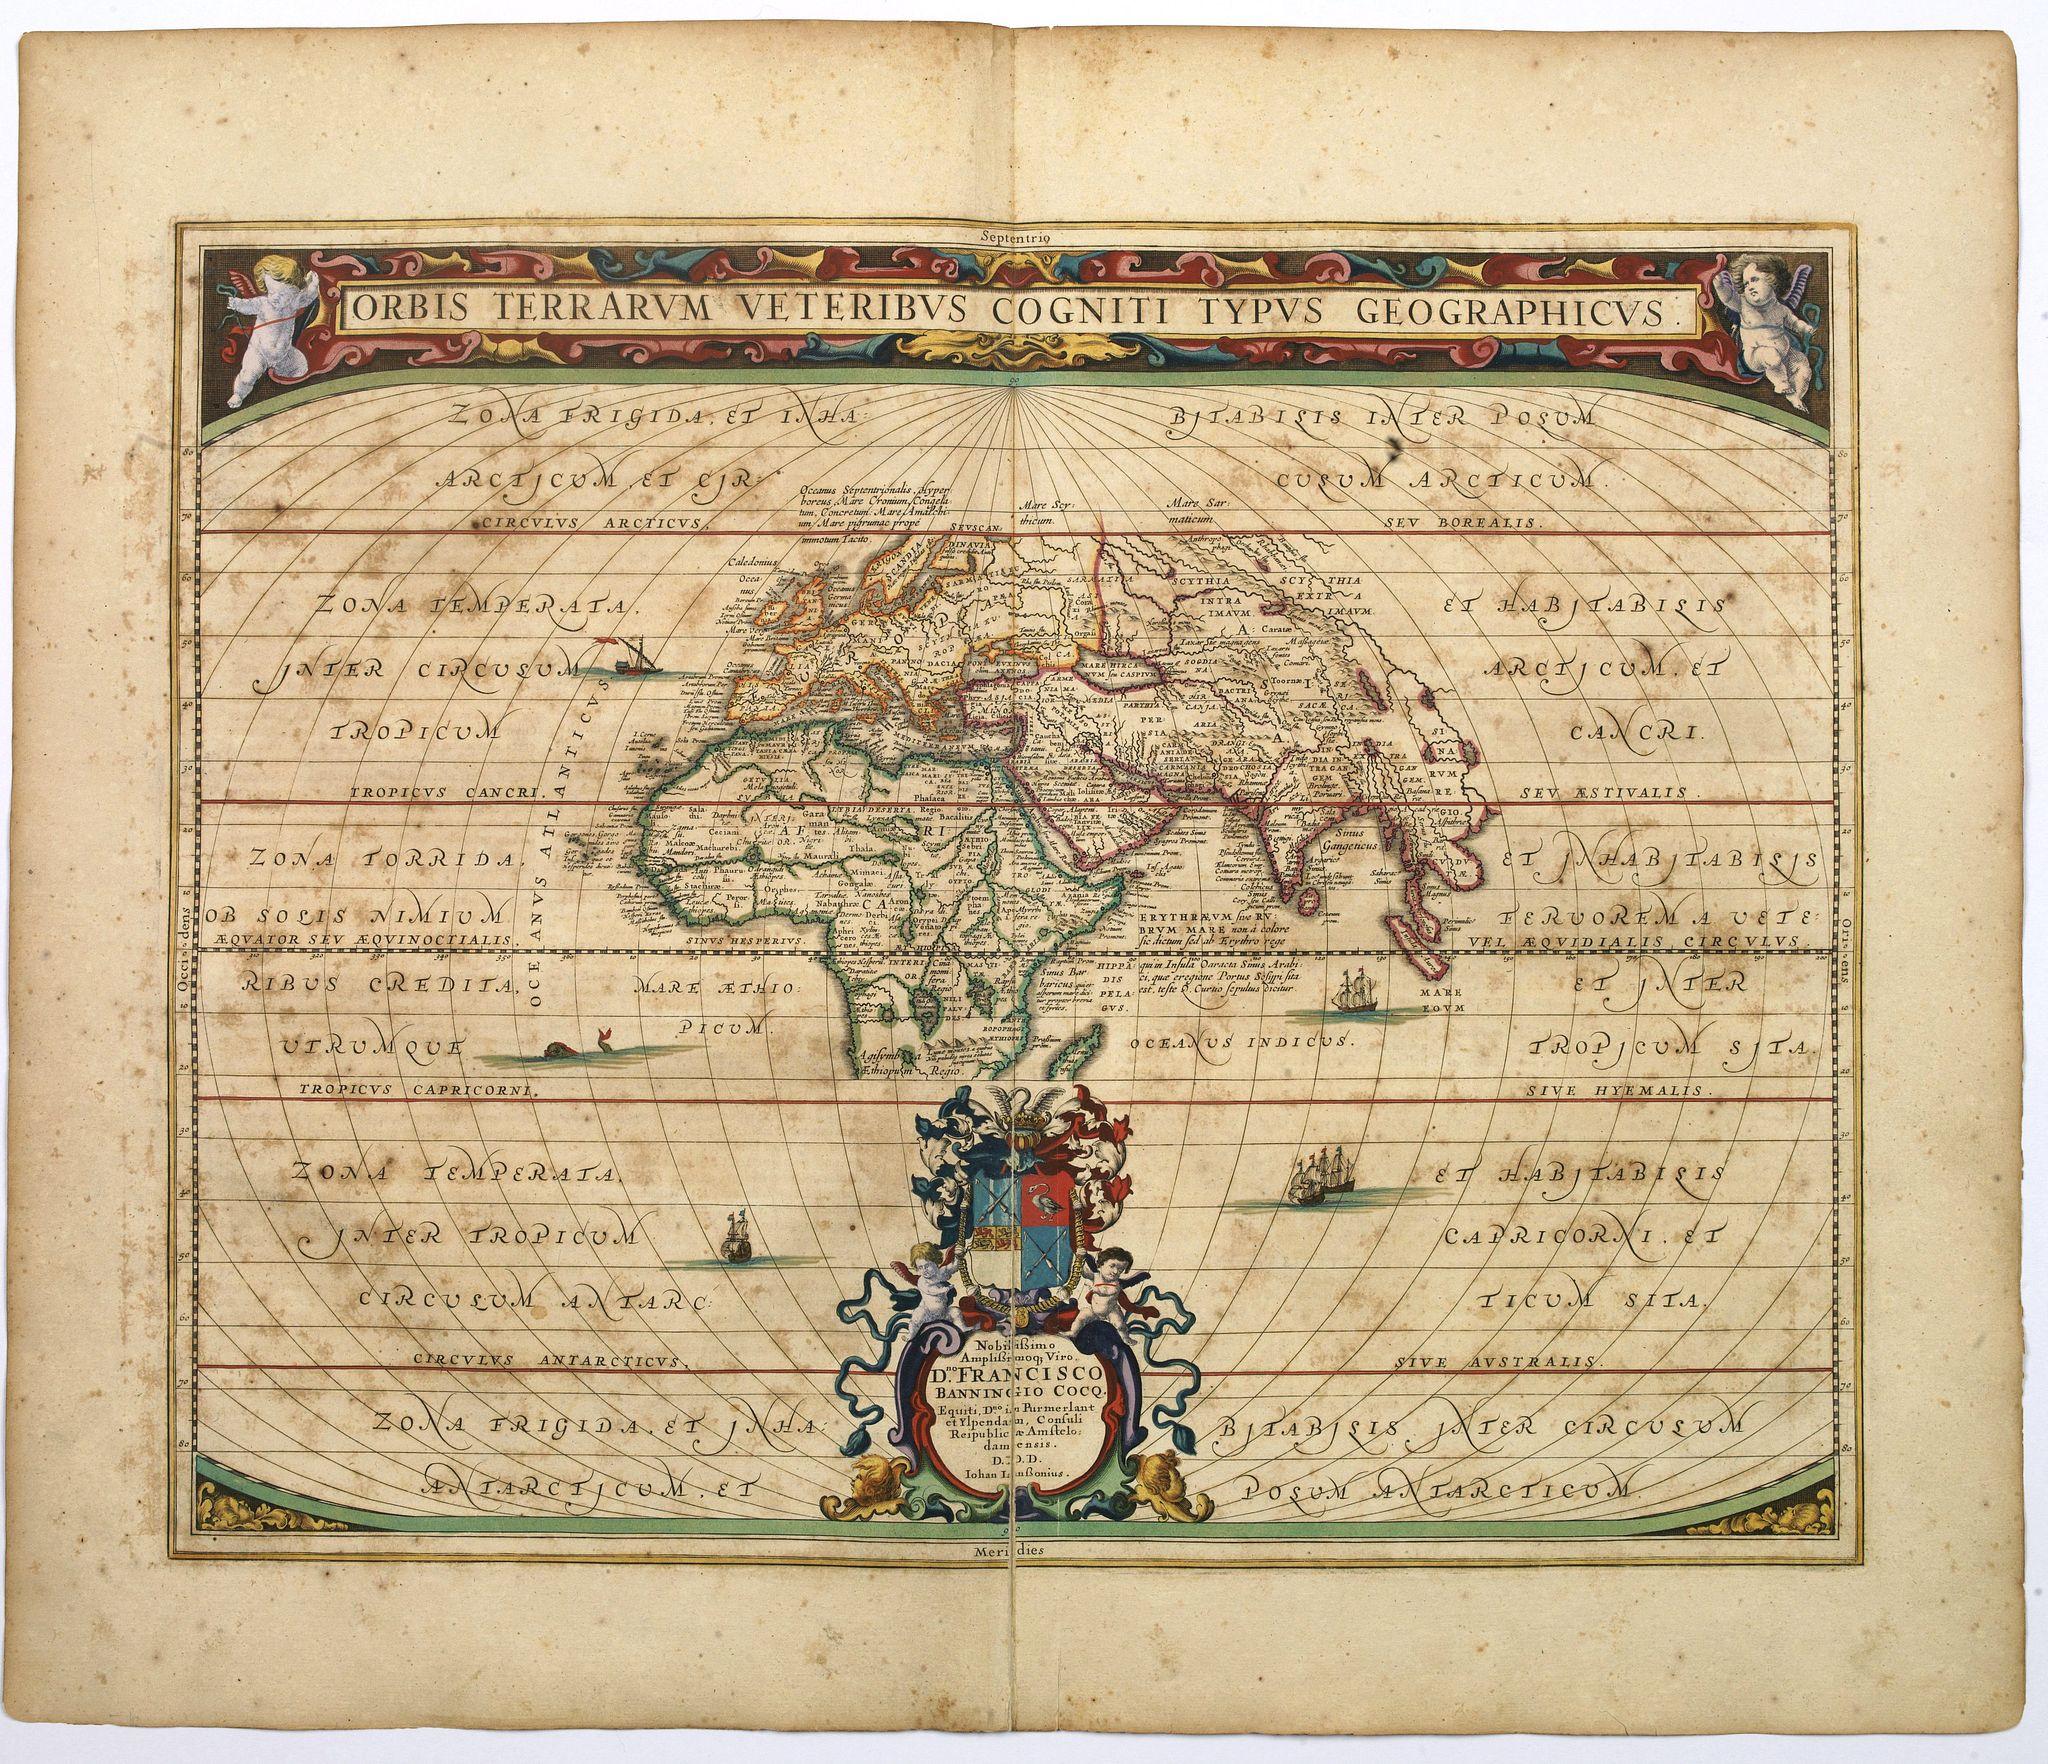 JANSSONIUS, Jan. - Orbis Terrarum Veteribus Cogniti Typus Geographicus.